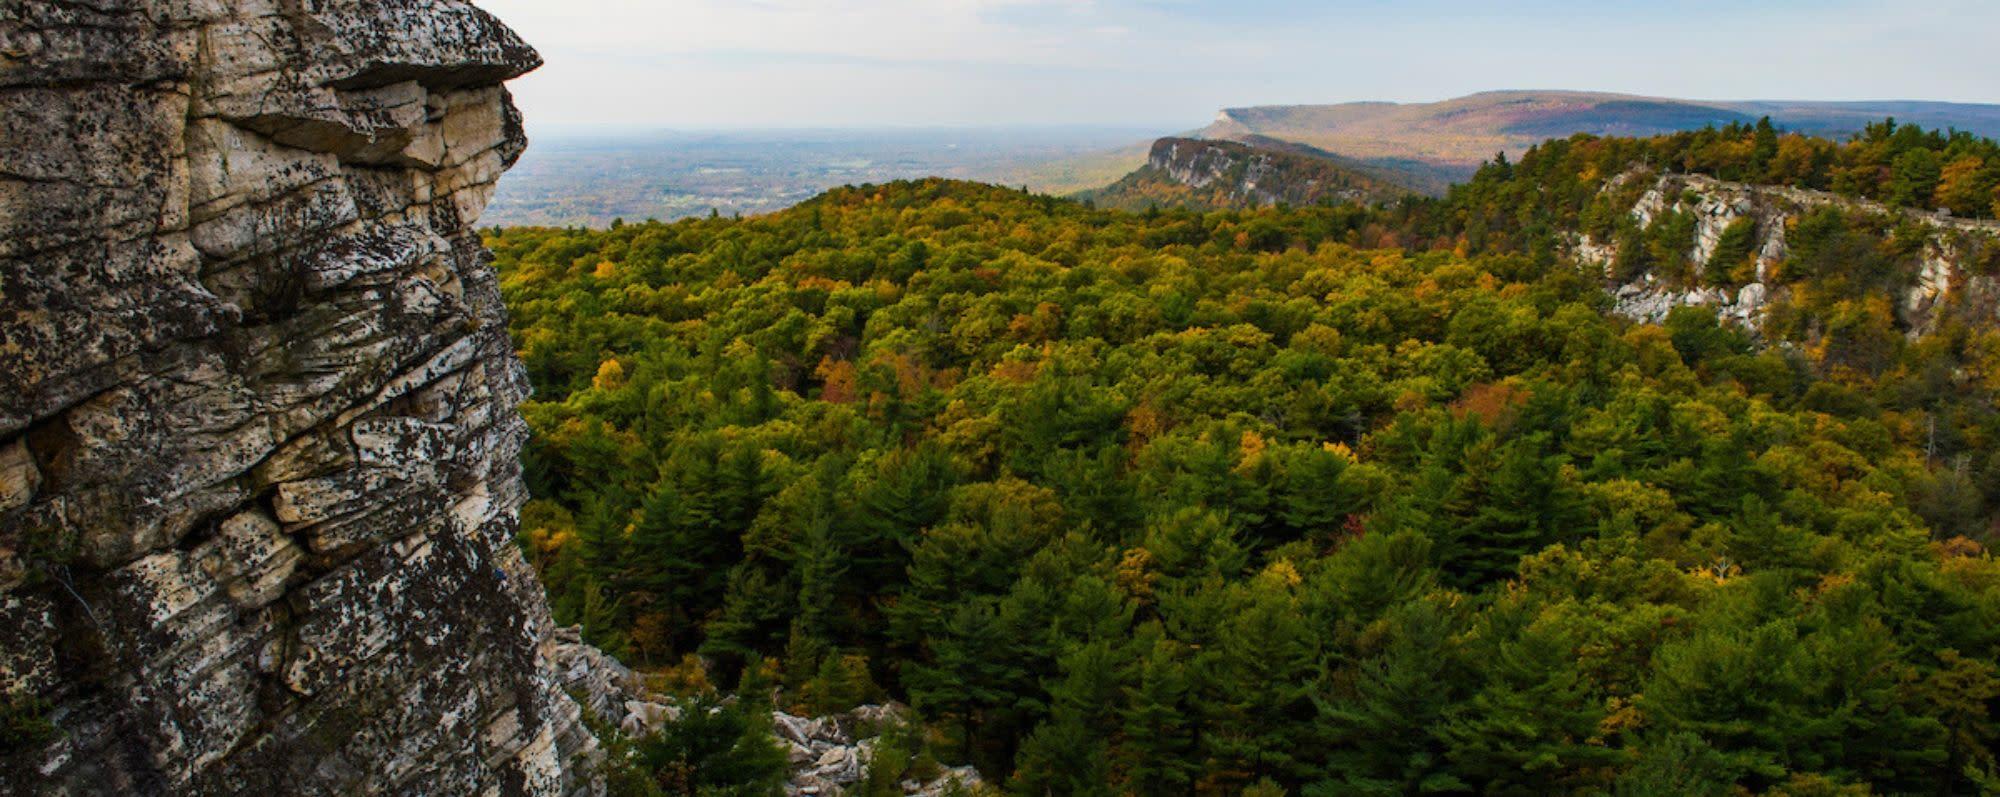 Shawangunk Ridge Escarpment - Fall